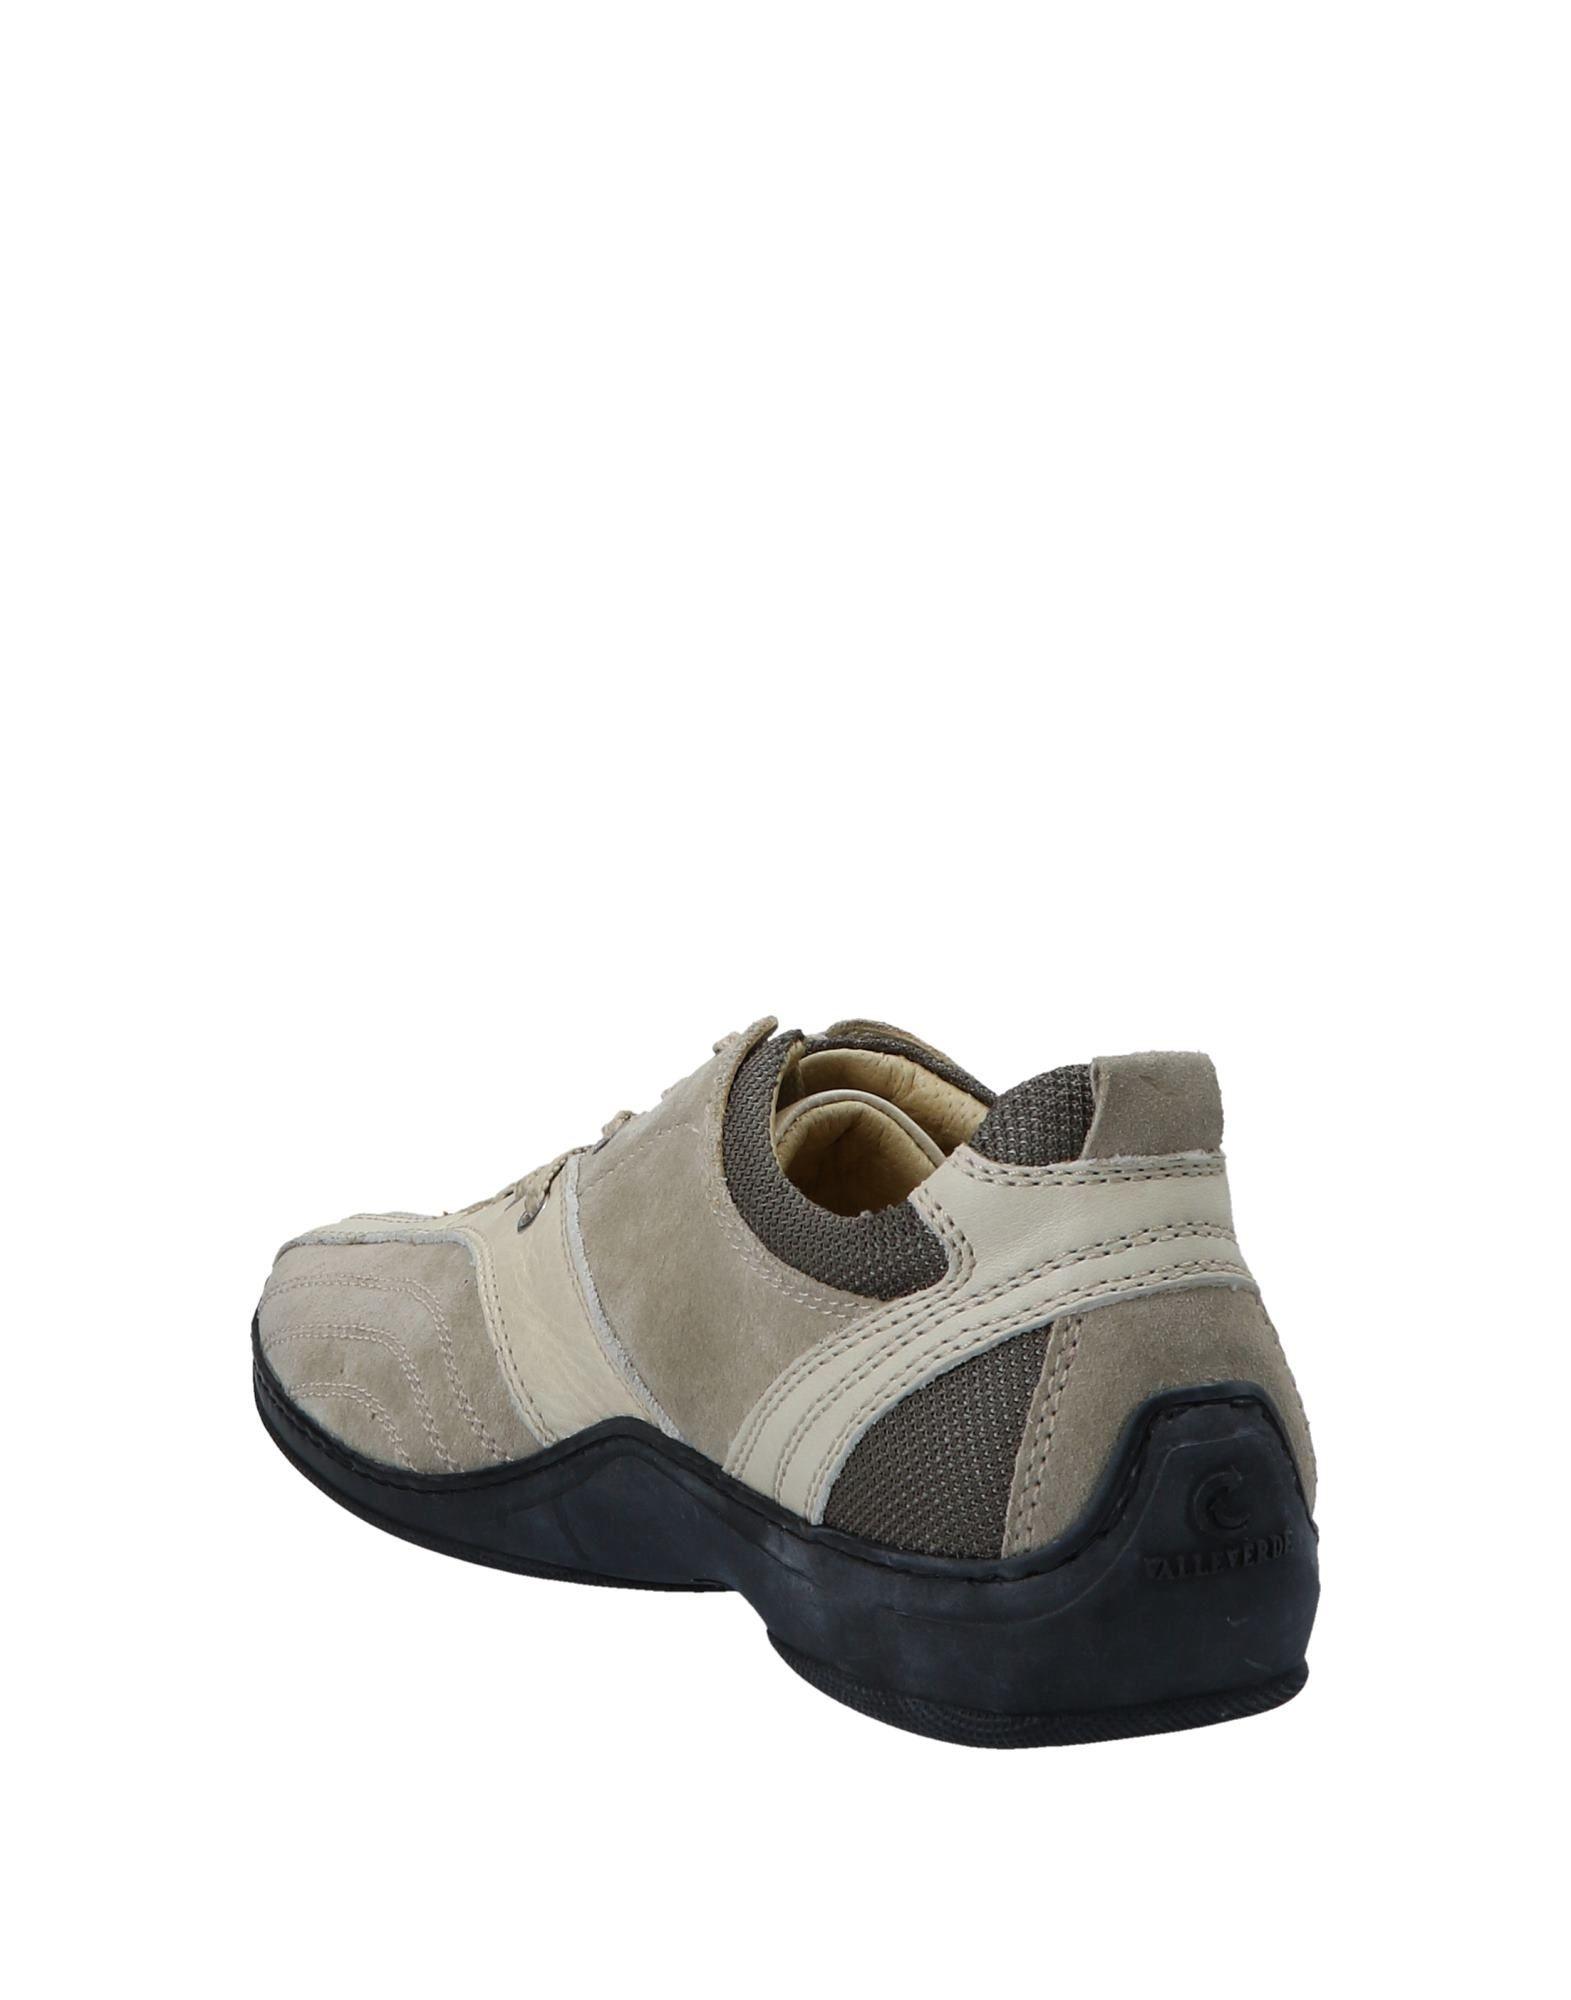 Rabatt echte  Schuhe Valleverde Sneakers Herren  echte 11548222CI 04c2a2